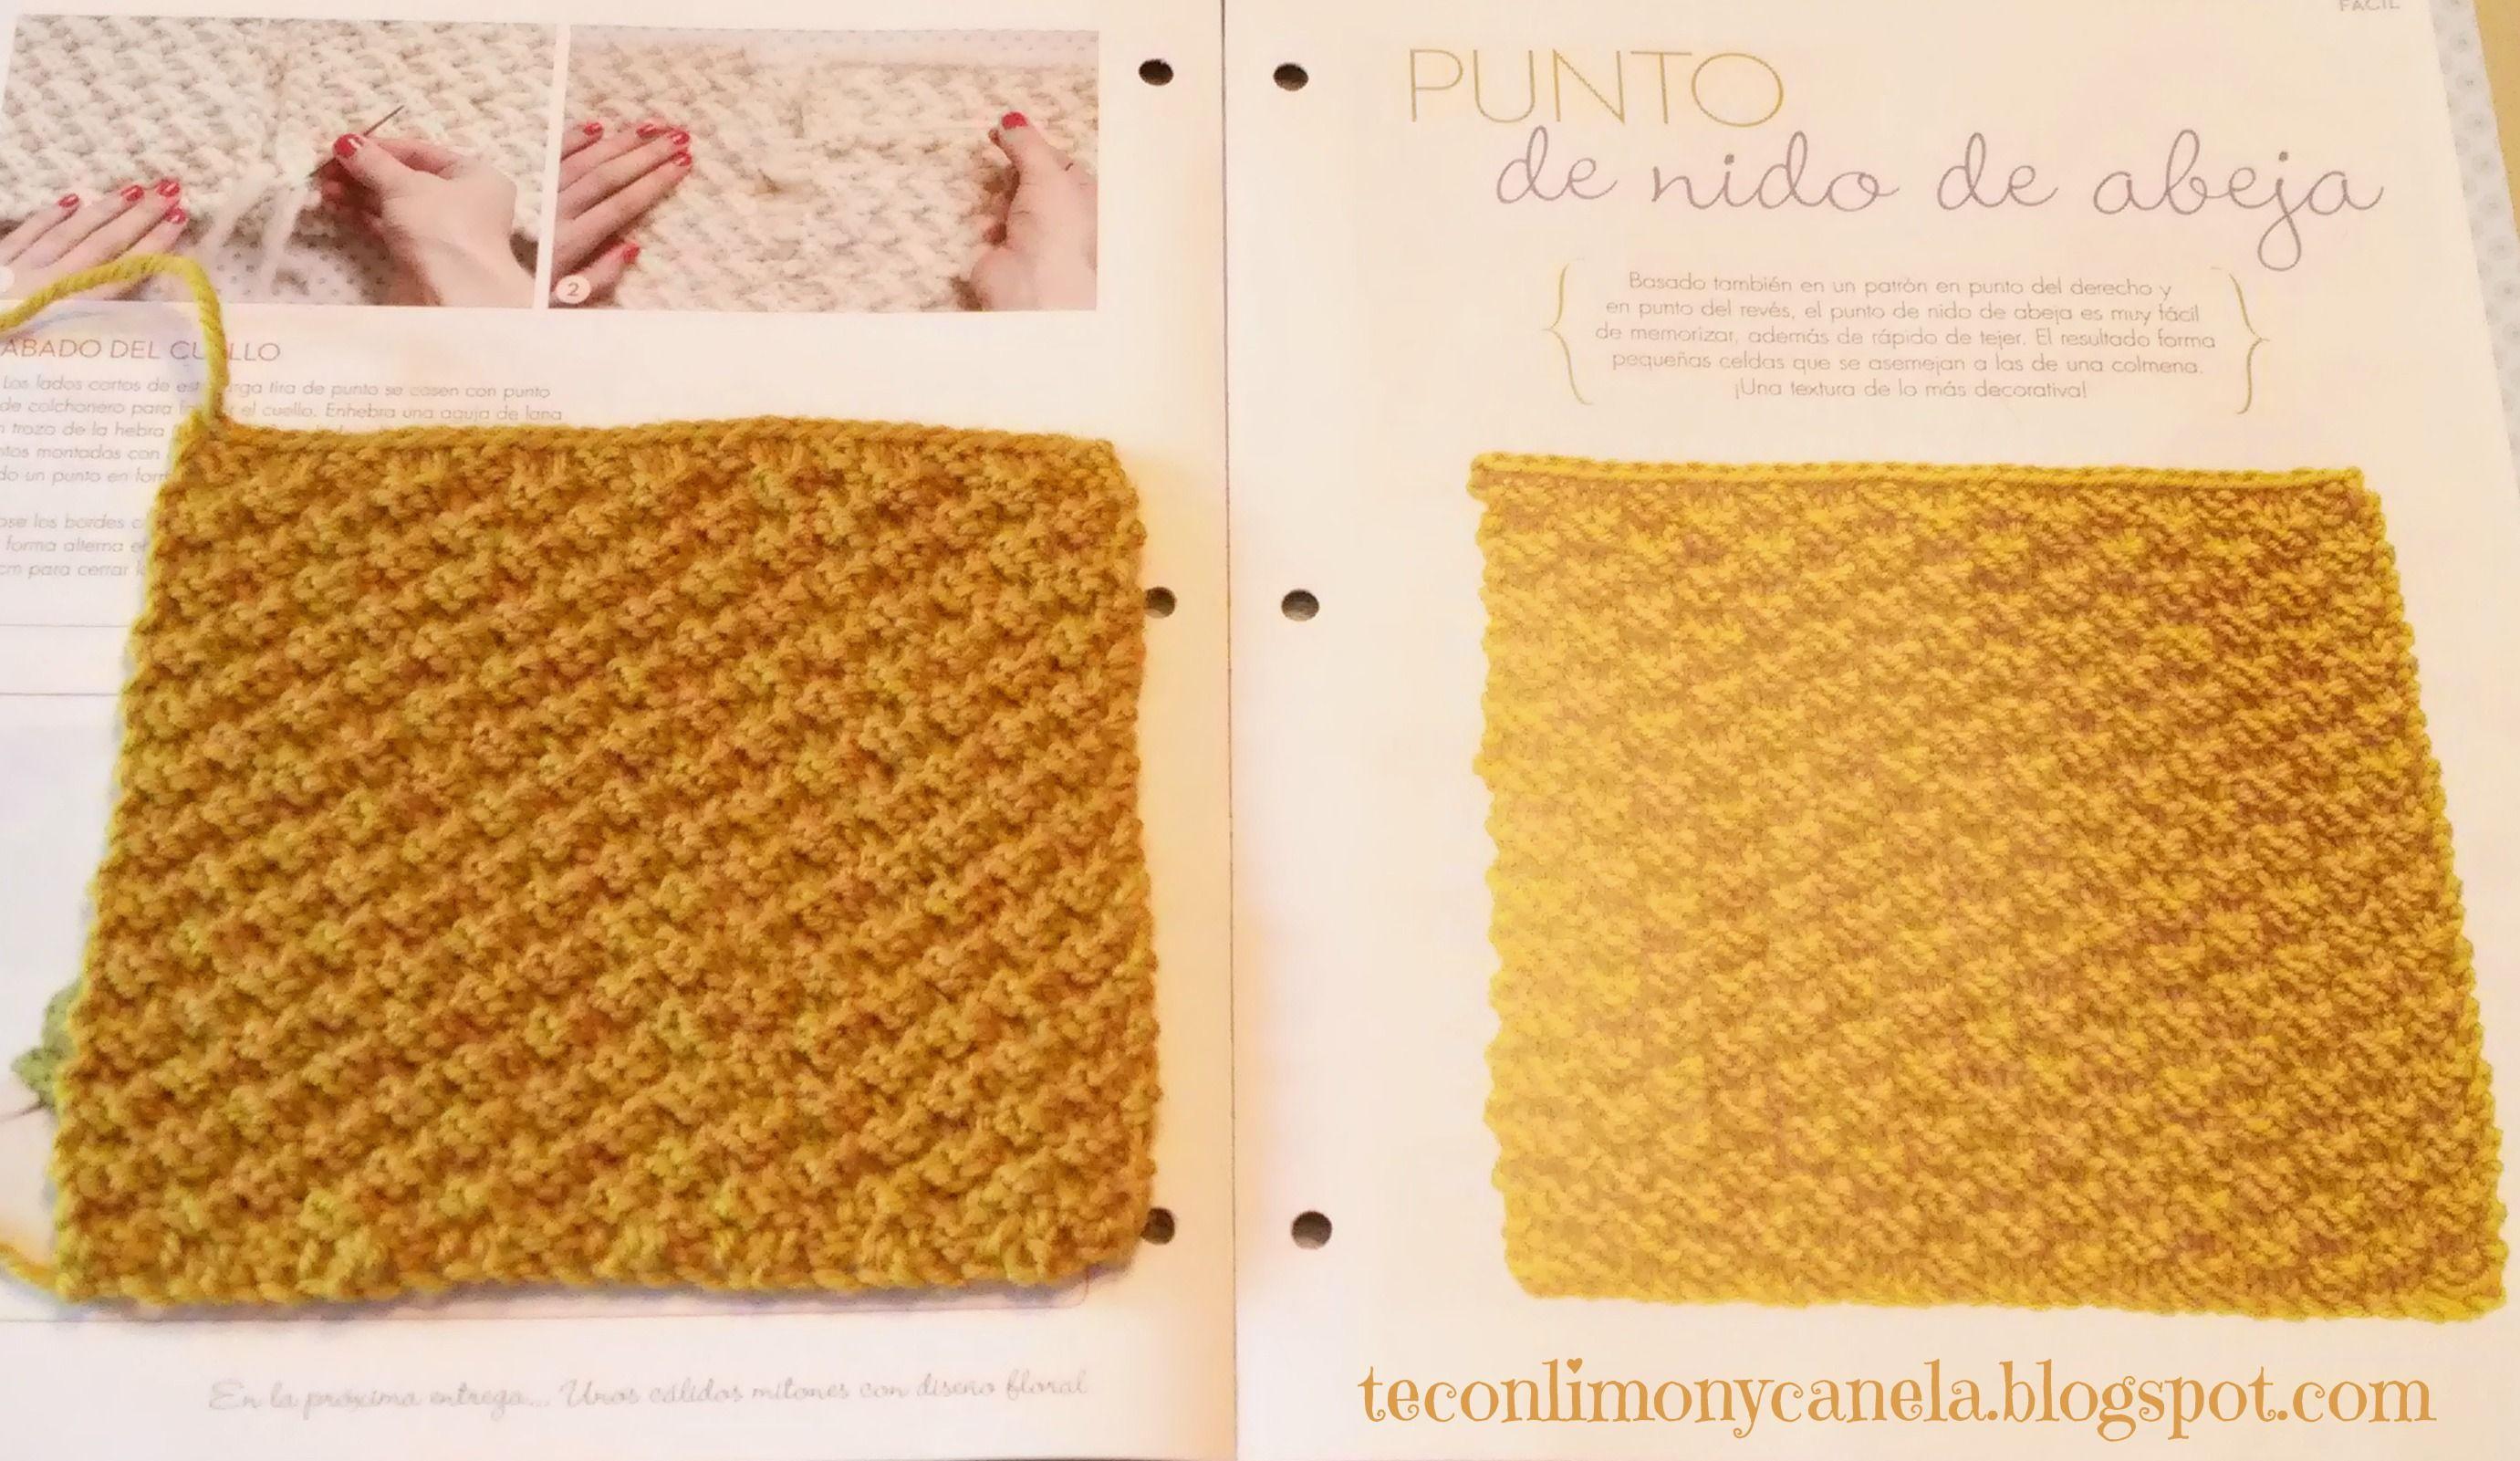 Quinto cuadrado de mi manta: PUNTO NIDO DE ABEJA. #tricotfacilycreativo #punto #knitting #aprendiendoahacerpunto